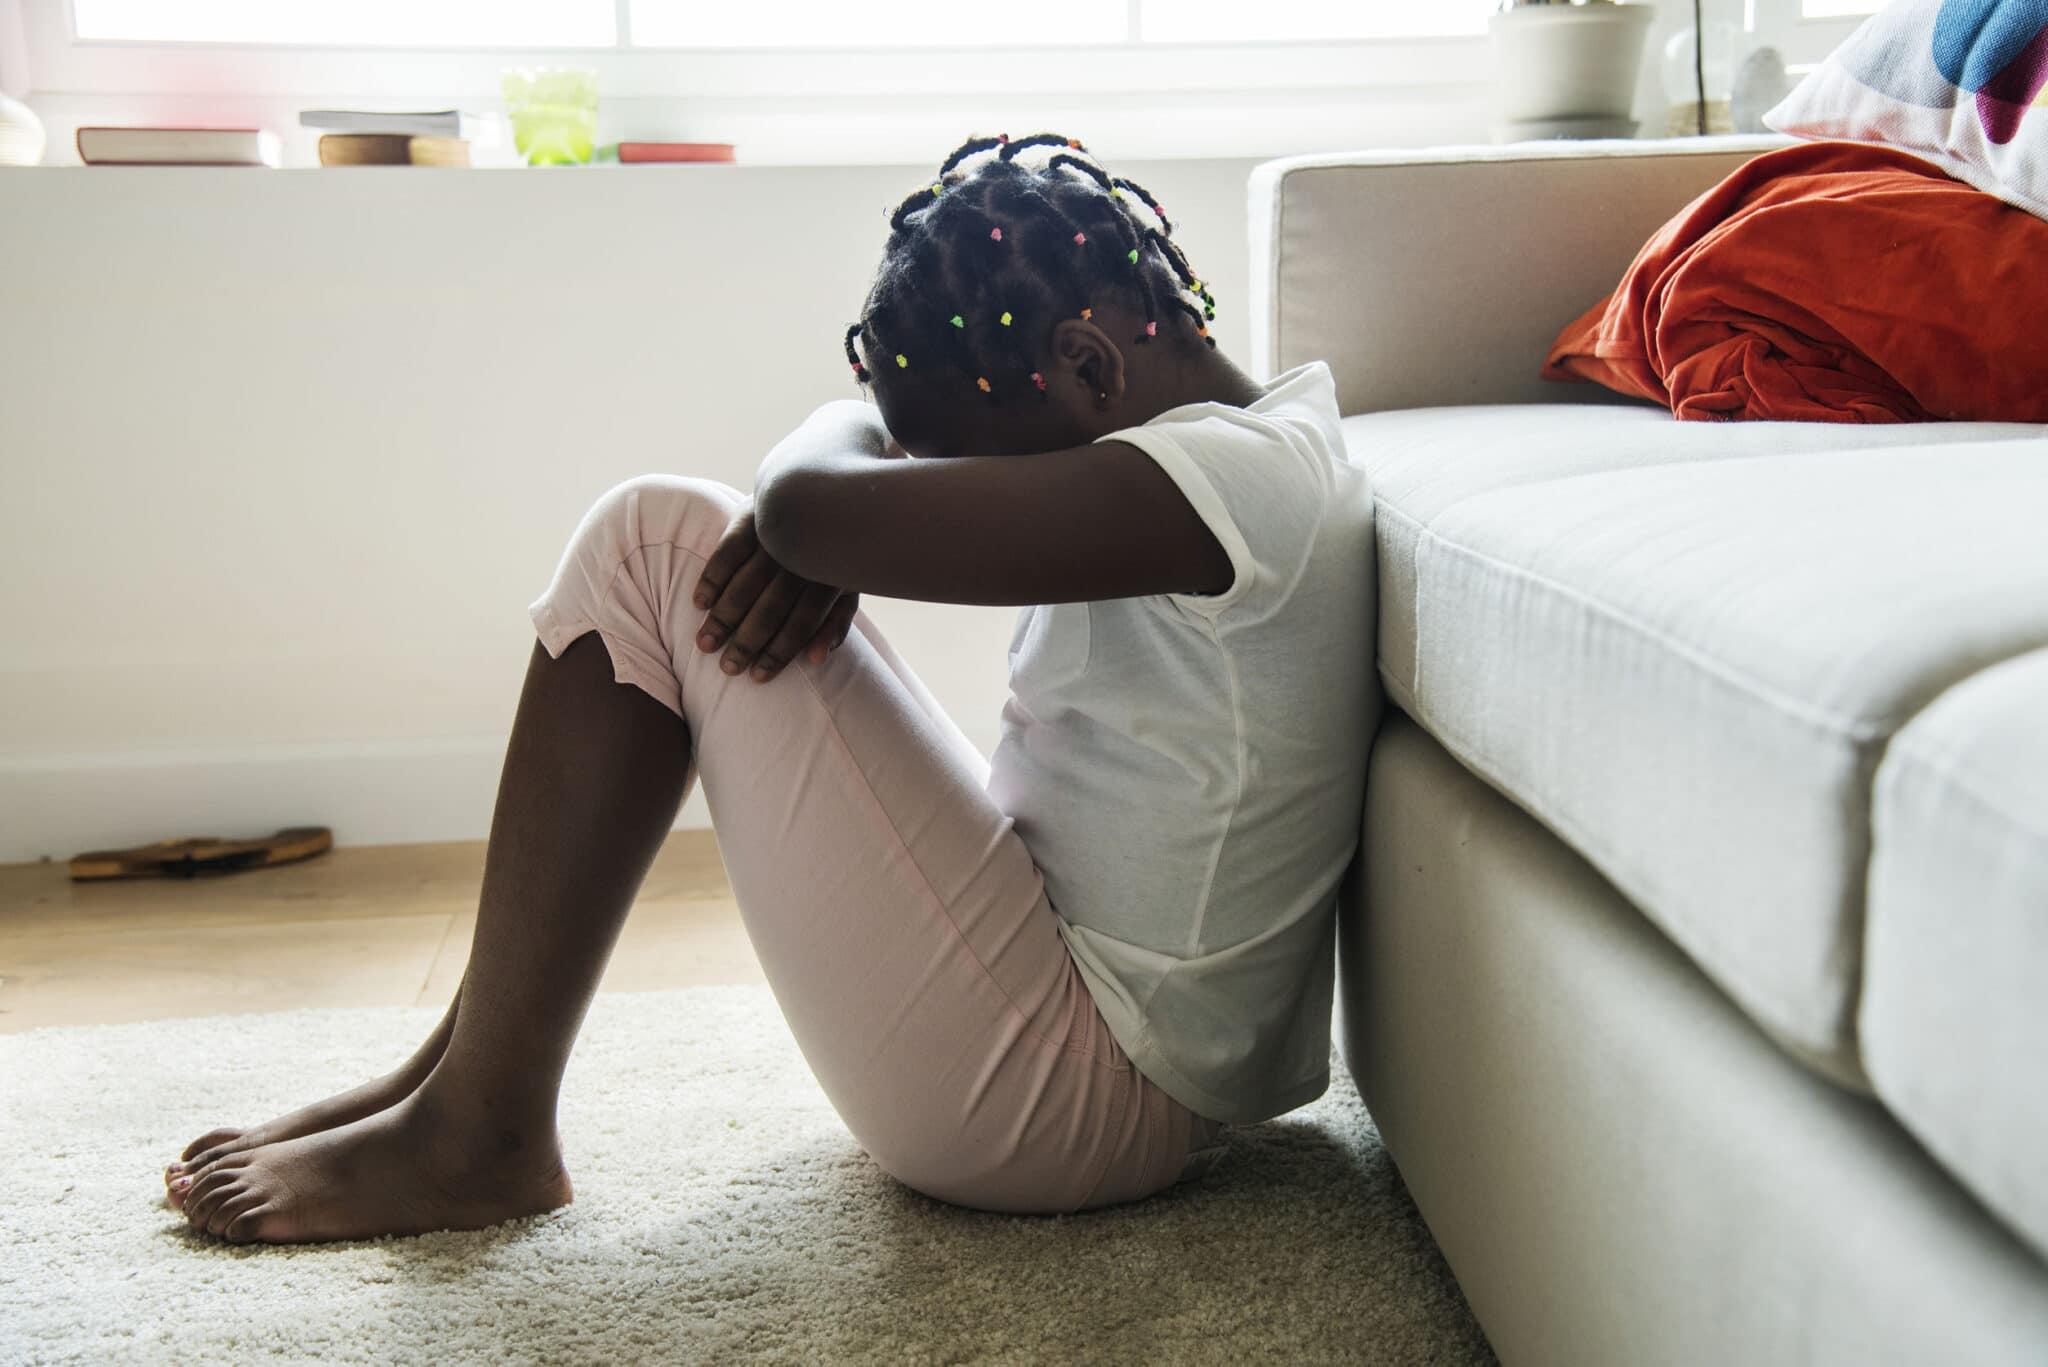 Più sbarchi illegali più mutilazioni genitali. Nel 2015 le vittime erano 35 mila, oggi oltre 80 mila. E le femministe mute si limano le unghie